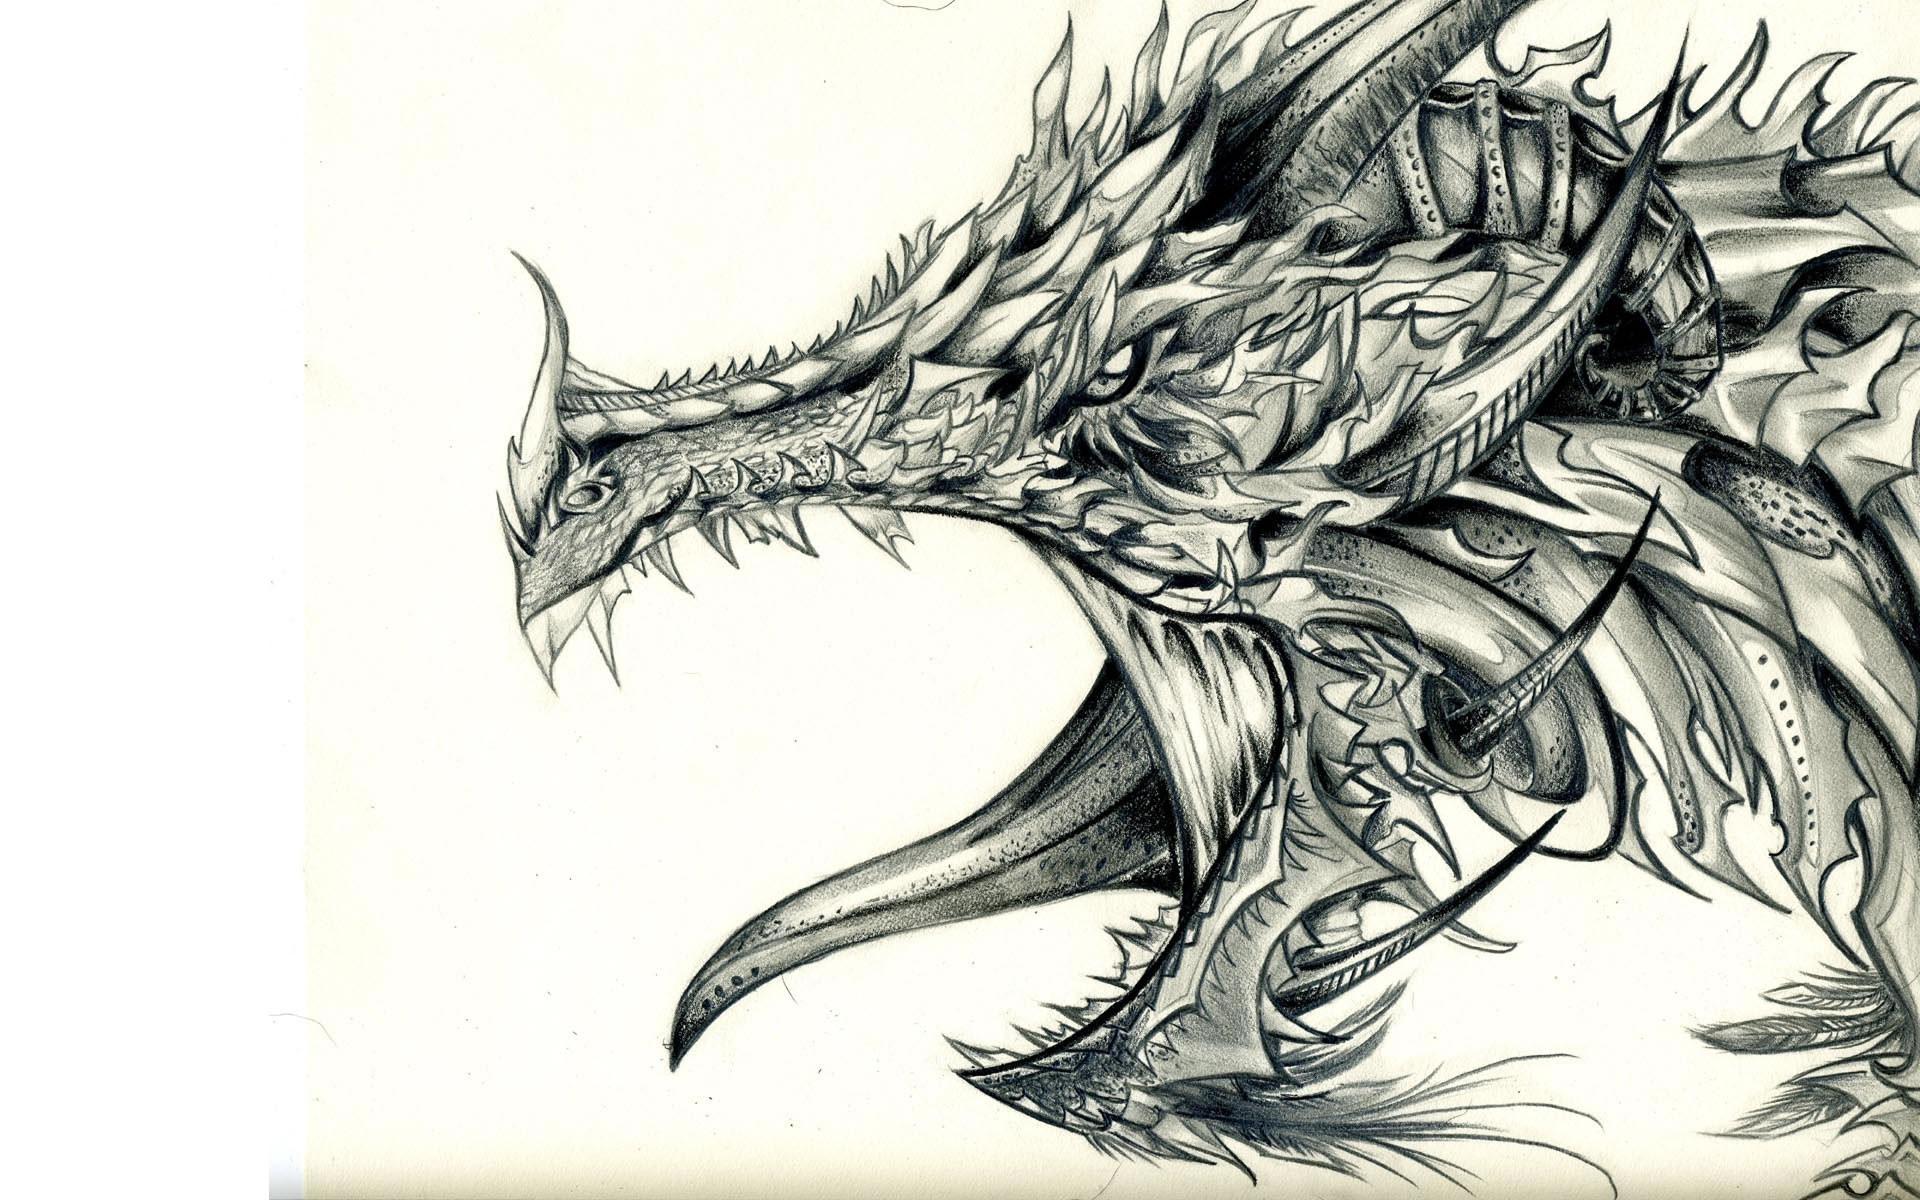 говорю картинки драконов графика смотреть подвале также